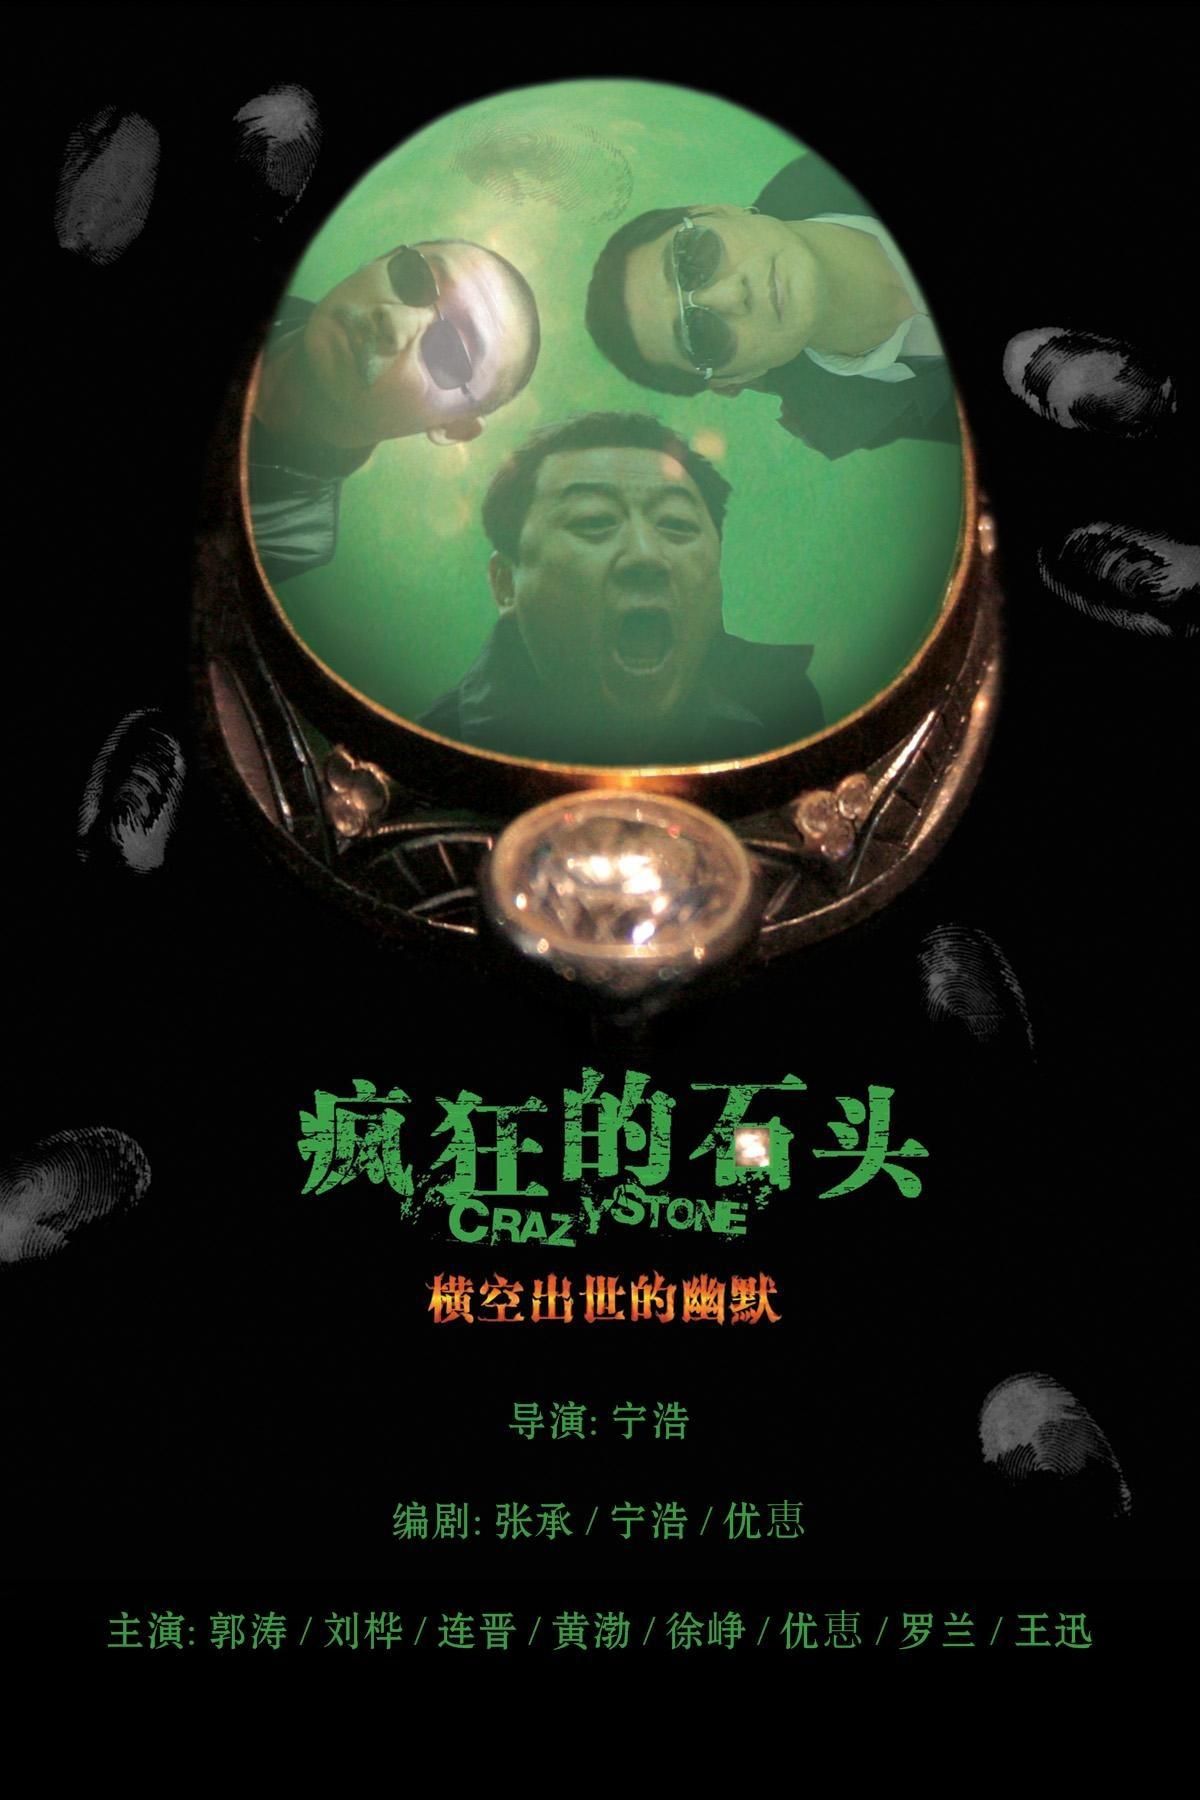 電影推薦-瘋狂的石頭01